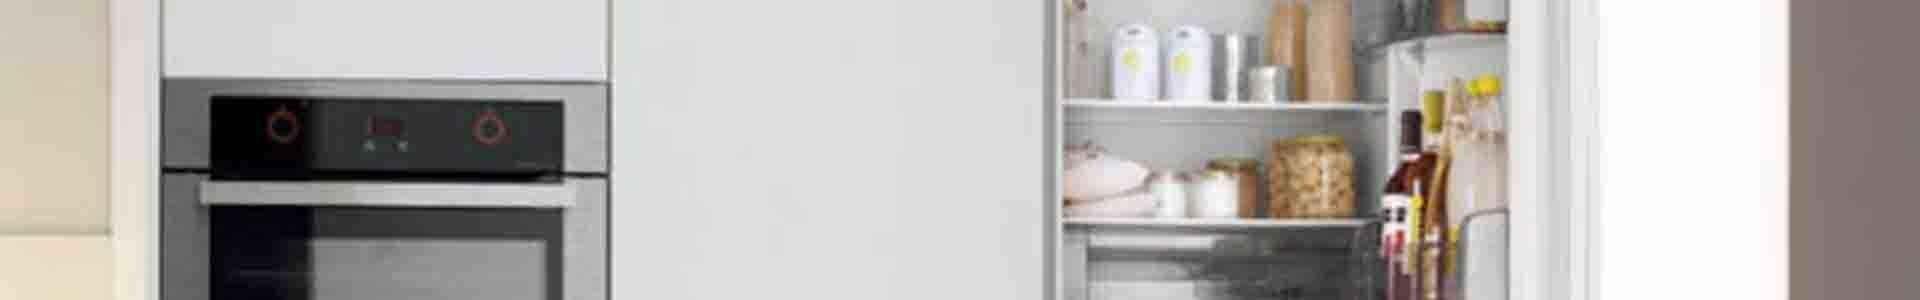 Repuestos neveras y frigoríficos